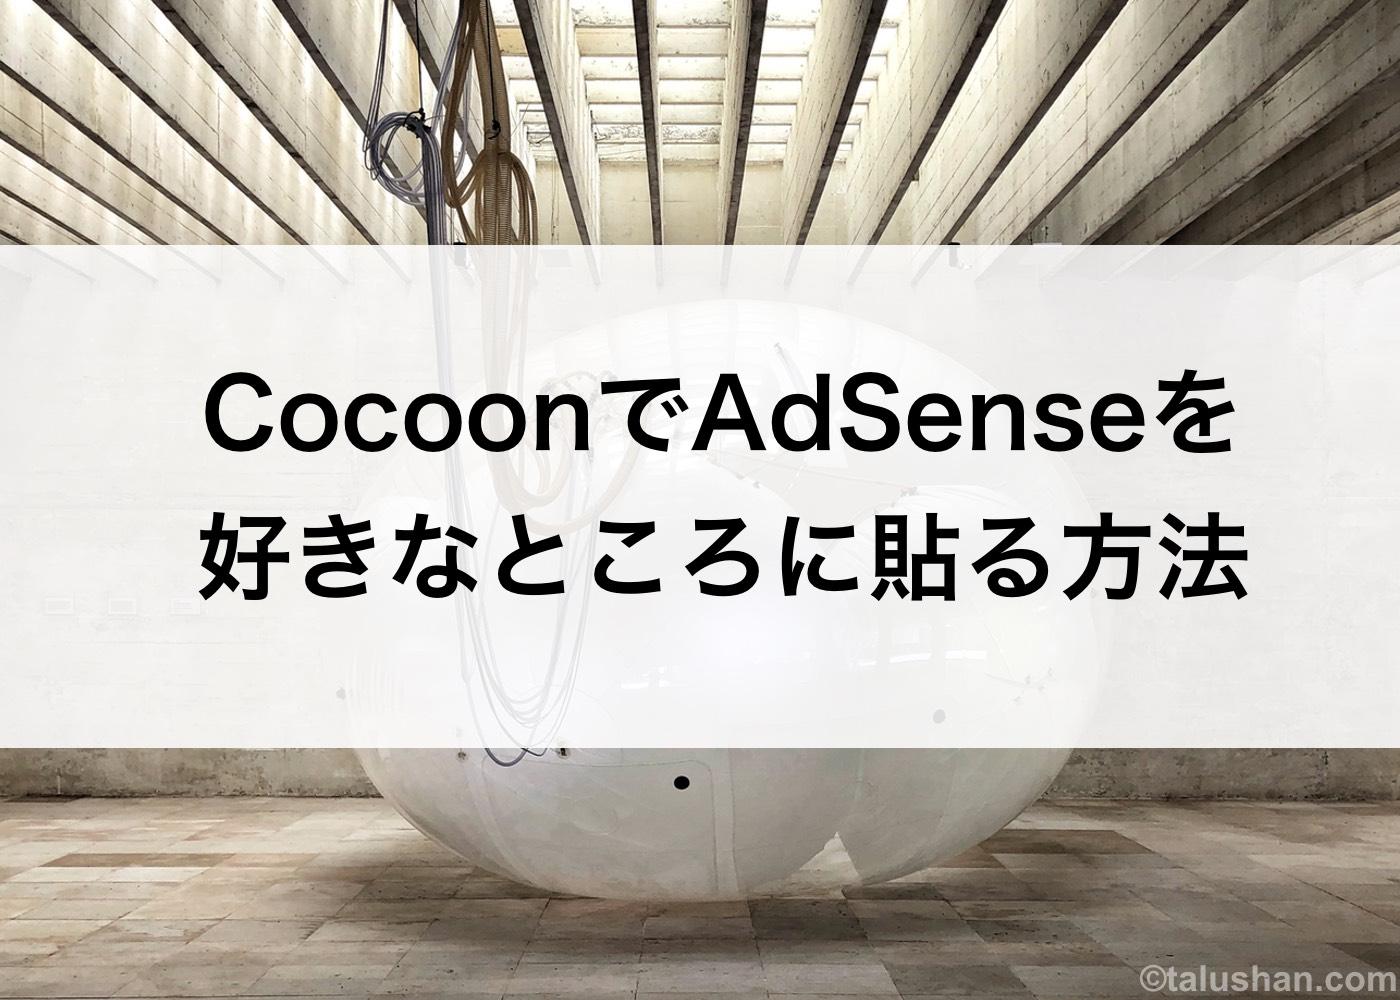 CocoonでAdSenseを好きなところに貼る